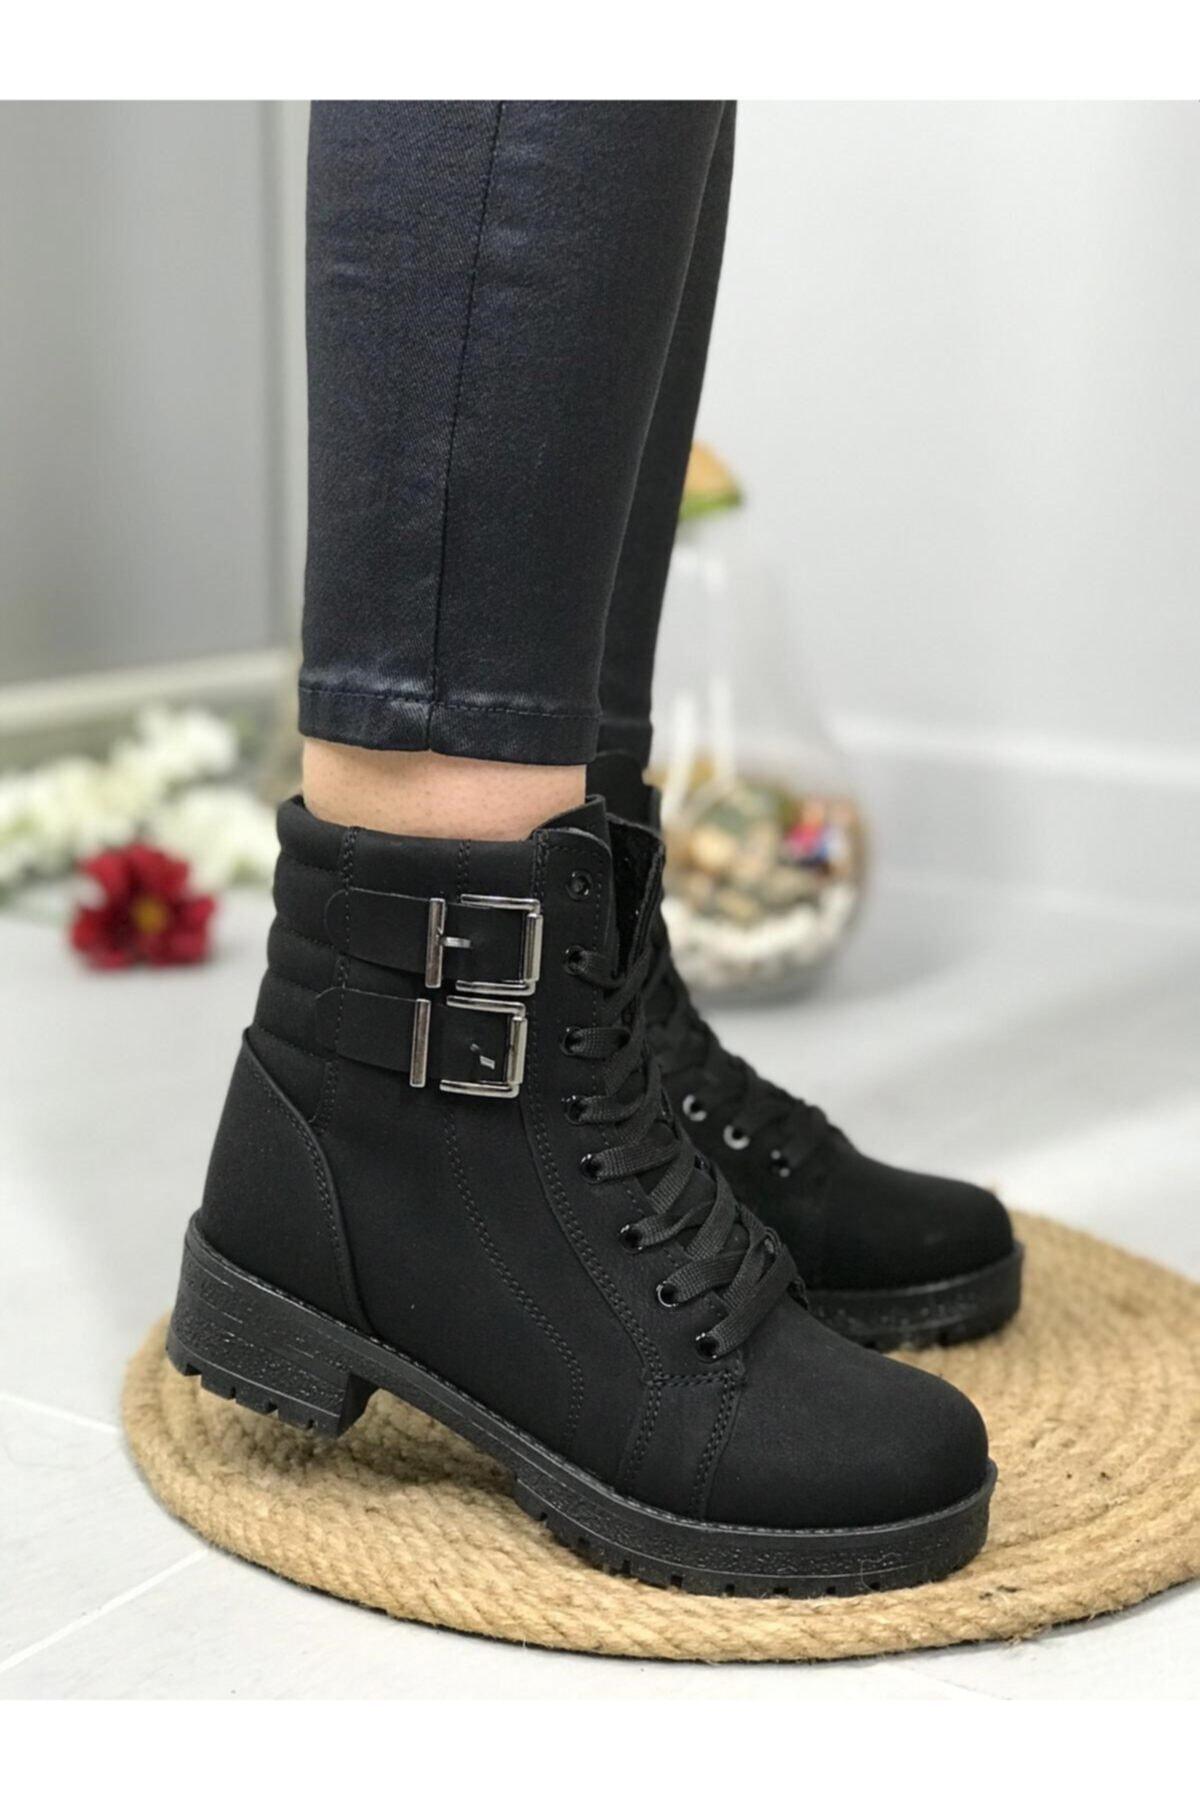 Twingo Bayan Ayakkabı 1